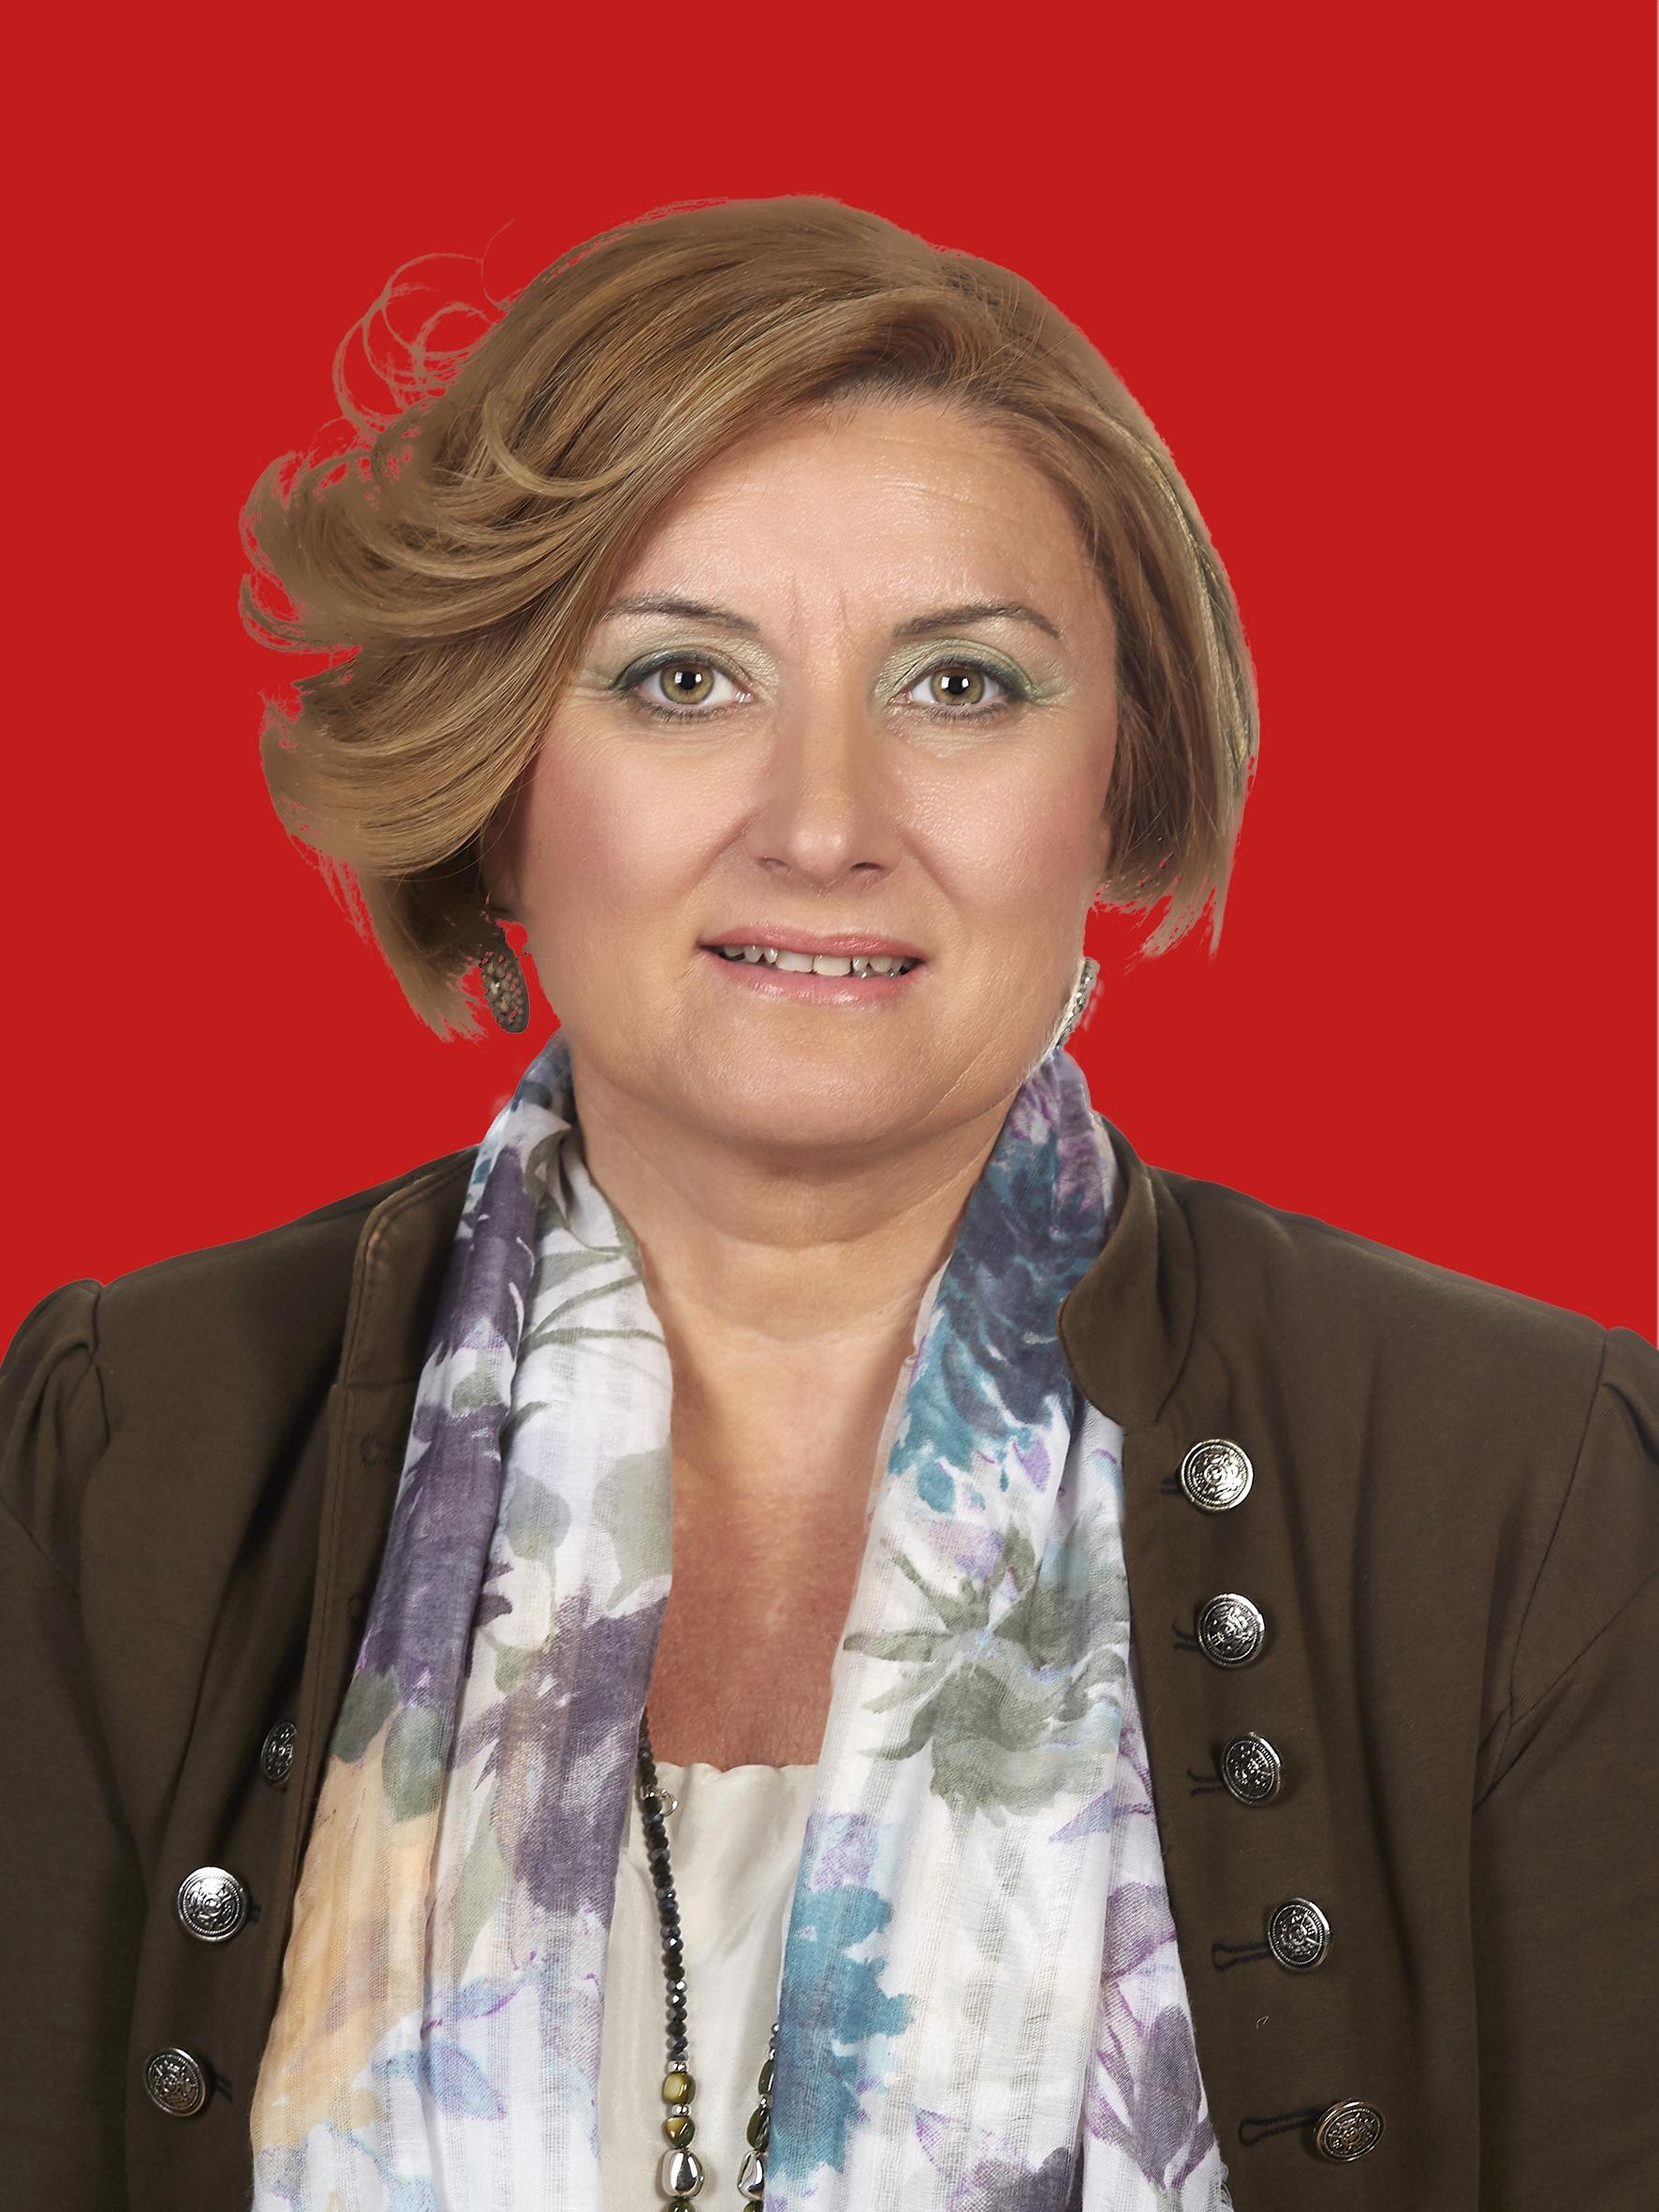 Antonia Gómez Vidal